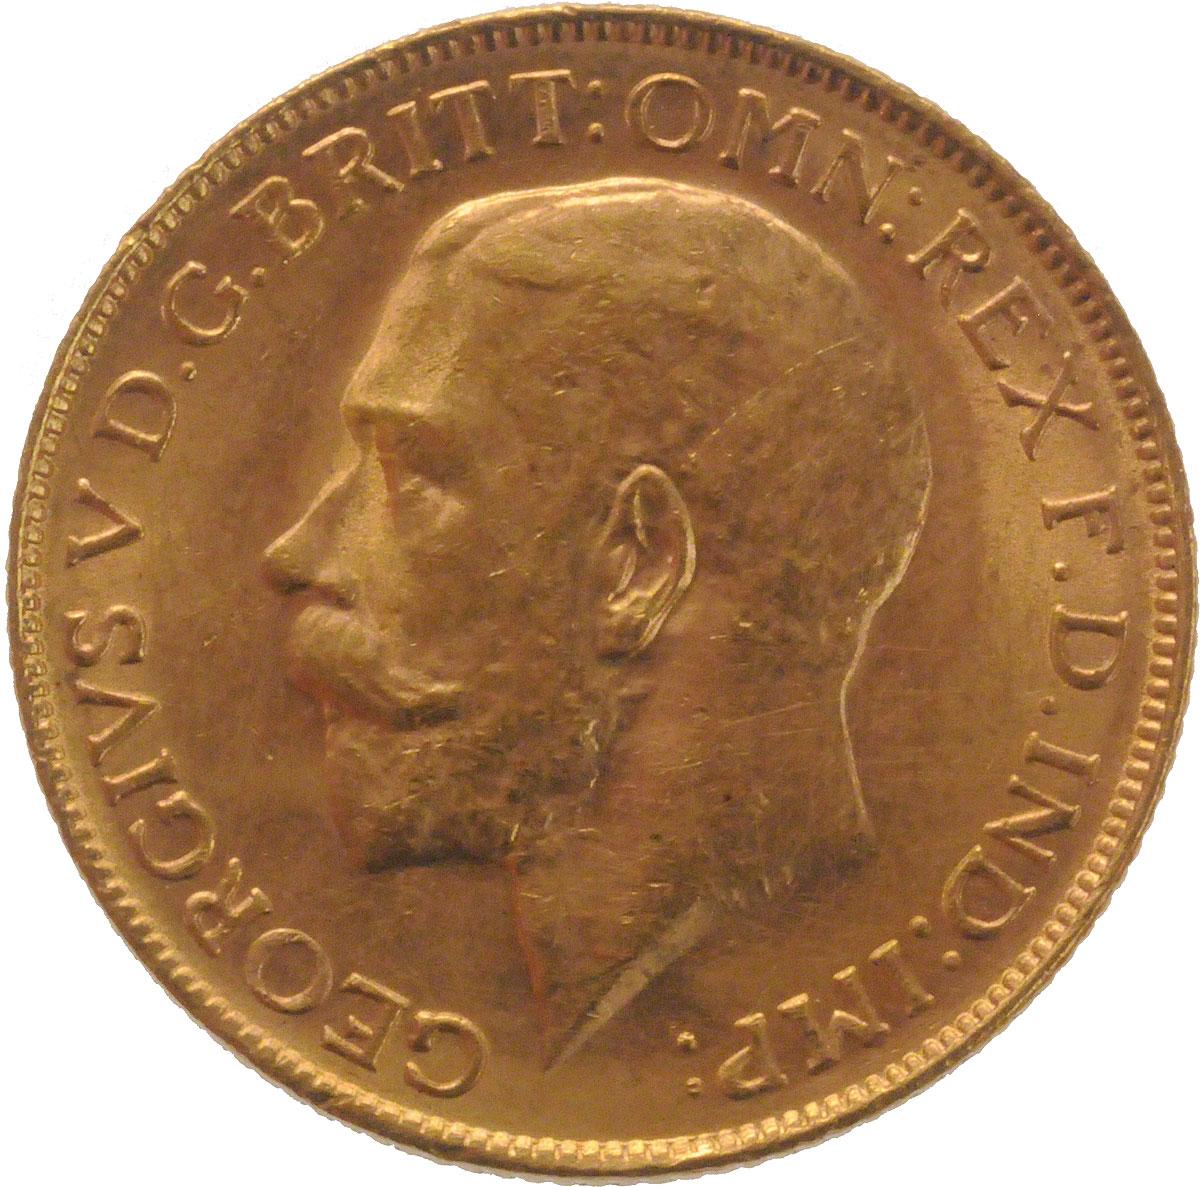 1923 Γεώργιος Ε' (Νομισματοκοπείο Περθ)